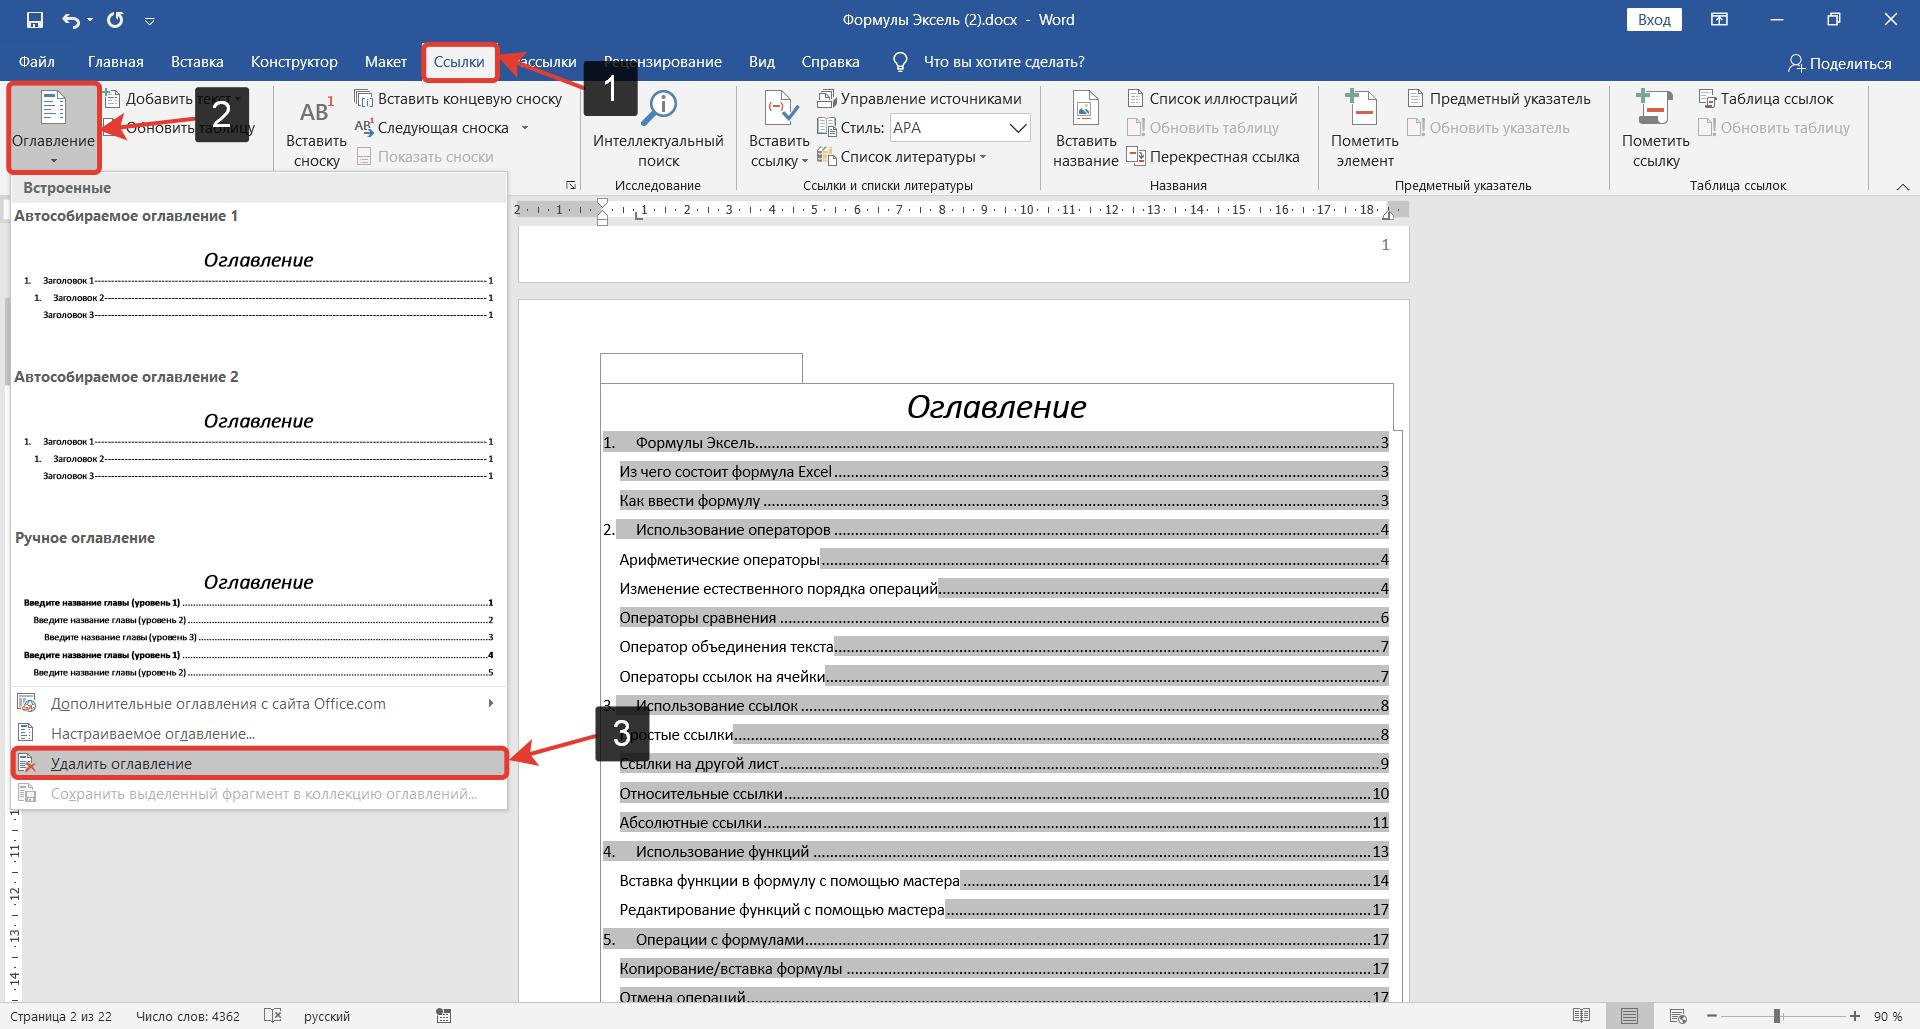 Как сделать сноску в ворде. сноски внизу страницы в word 2003, 2007, 2010, 2013 и 2016